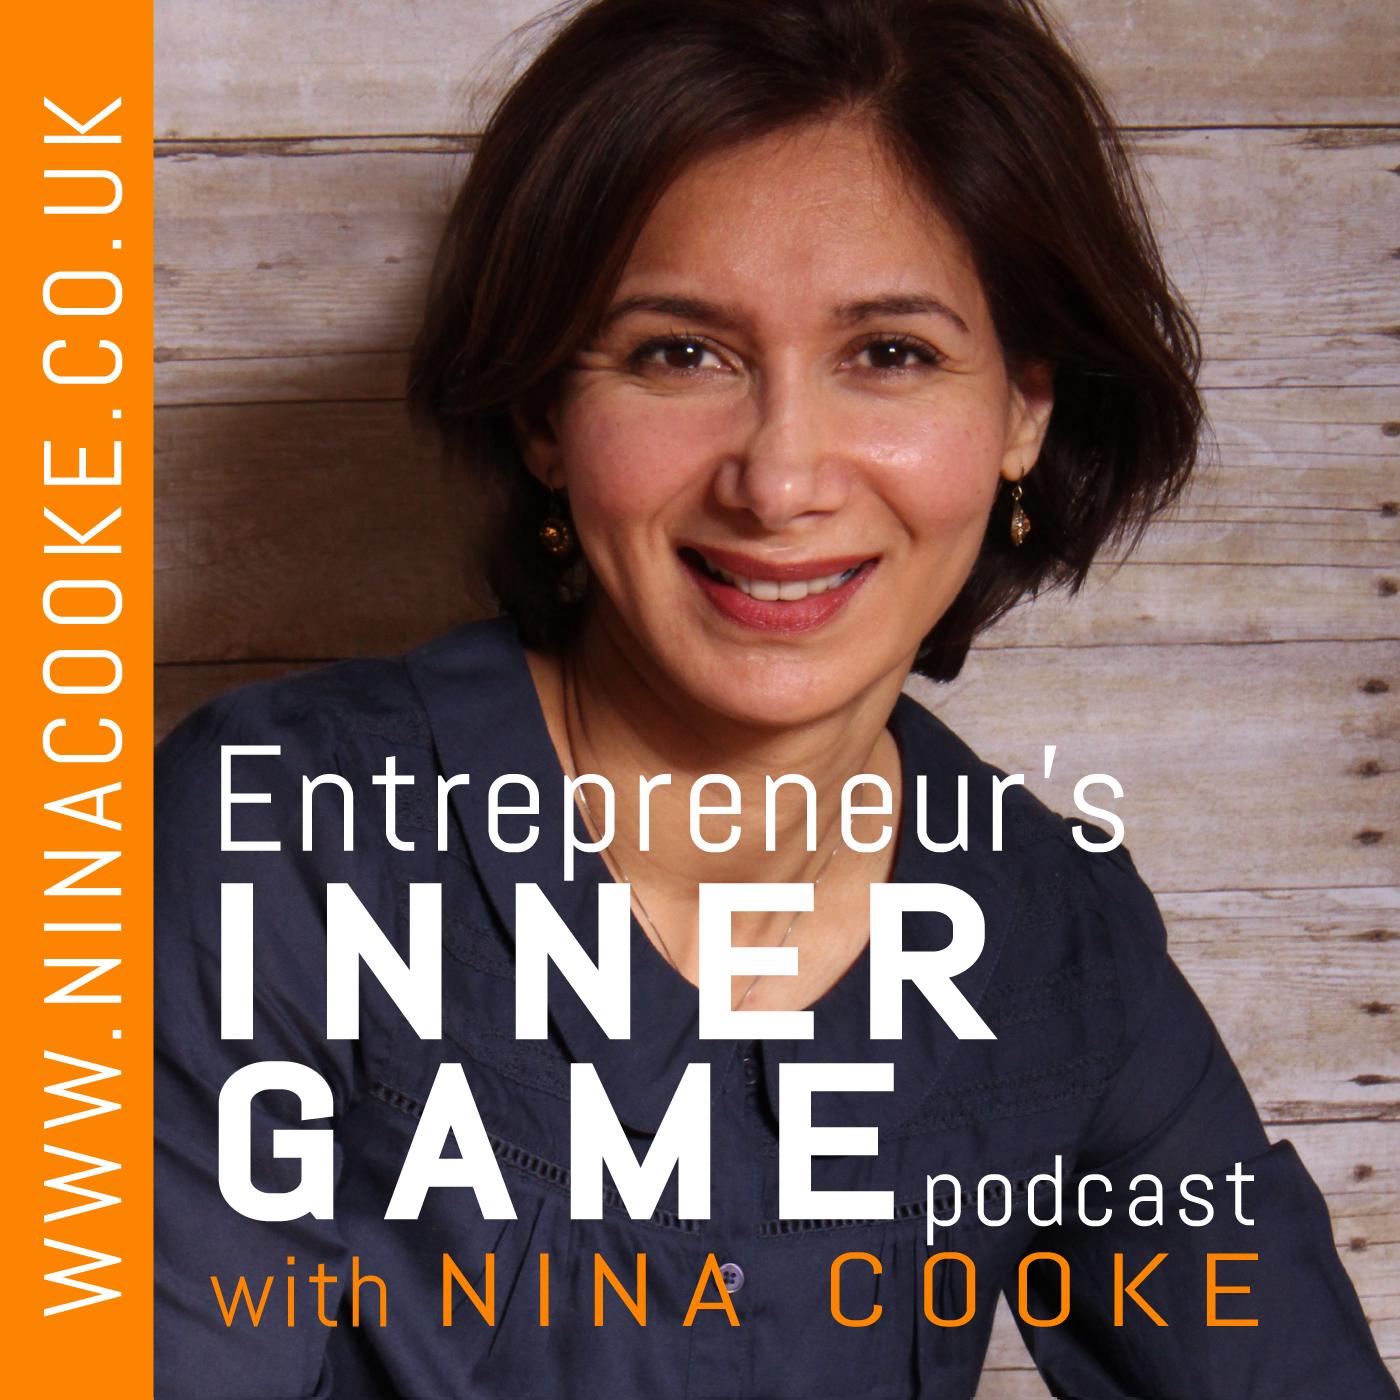 Entrepreneur's Inner Game Podcast show art